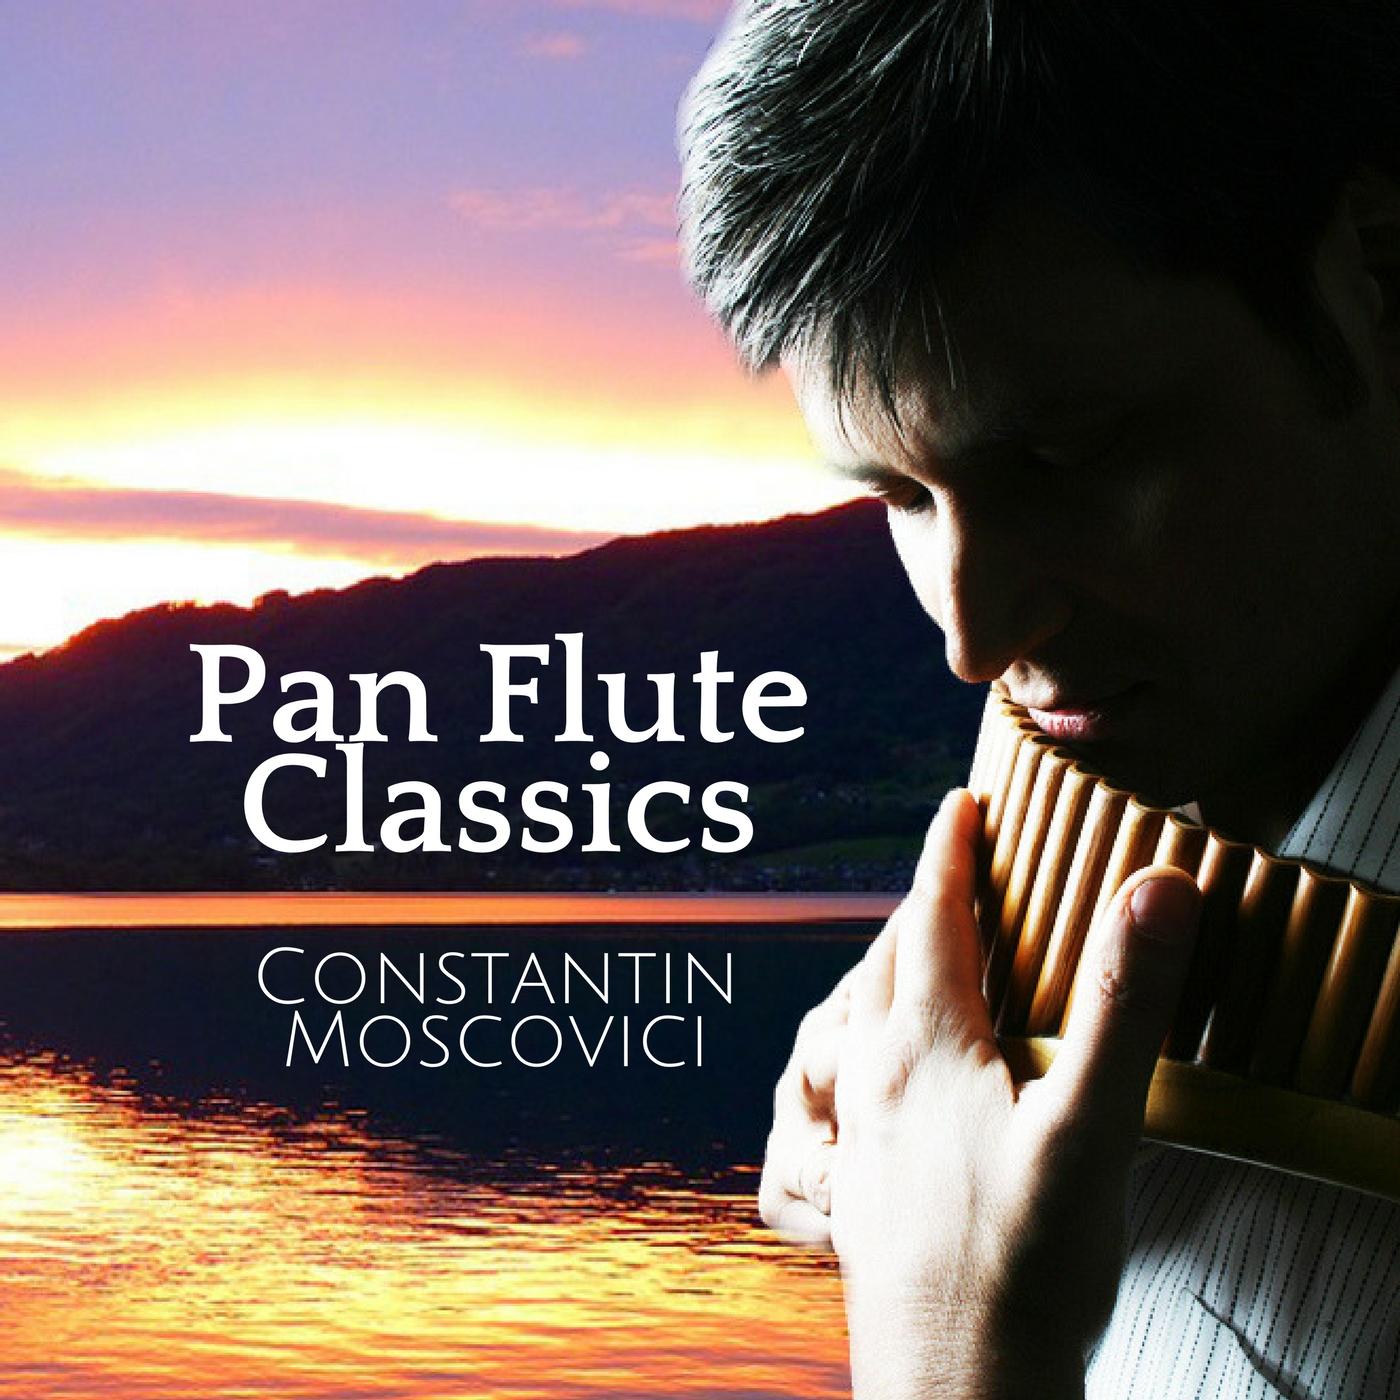 Pan Flute Classics